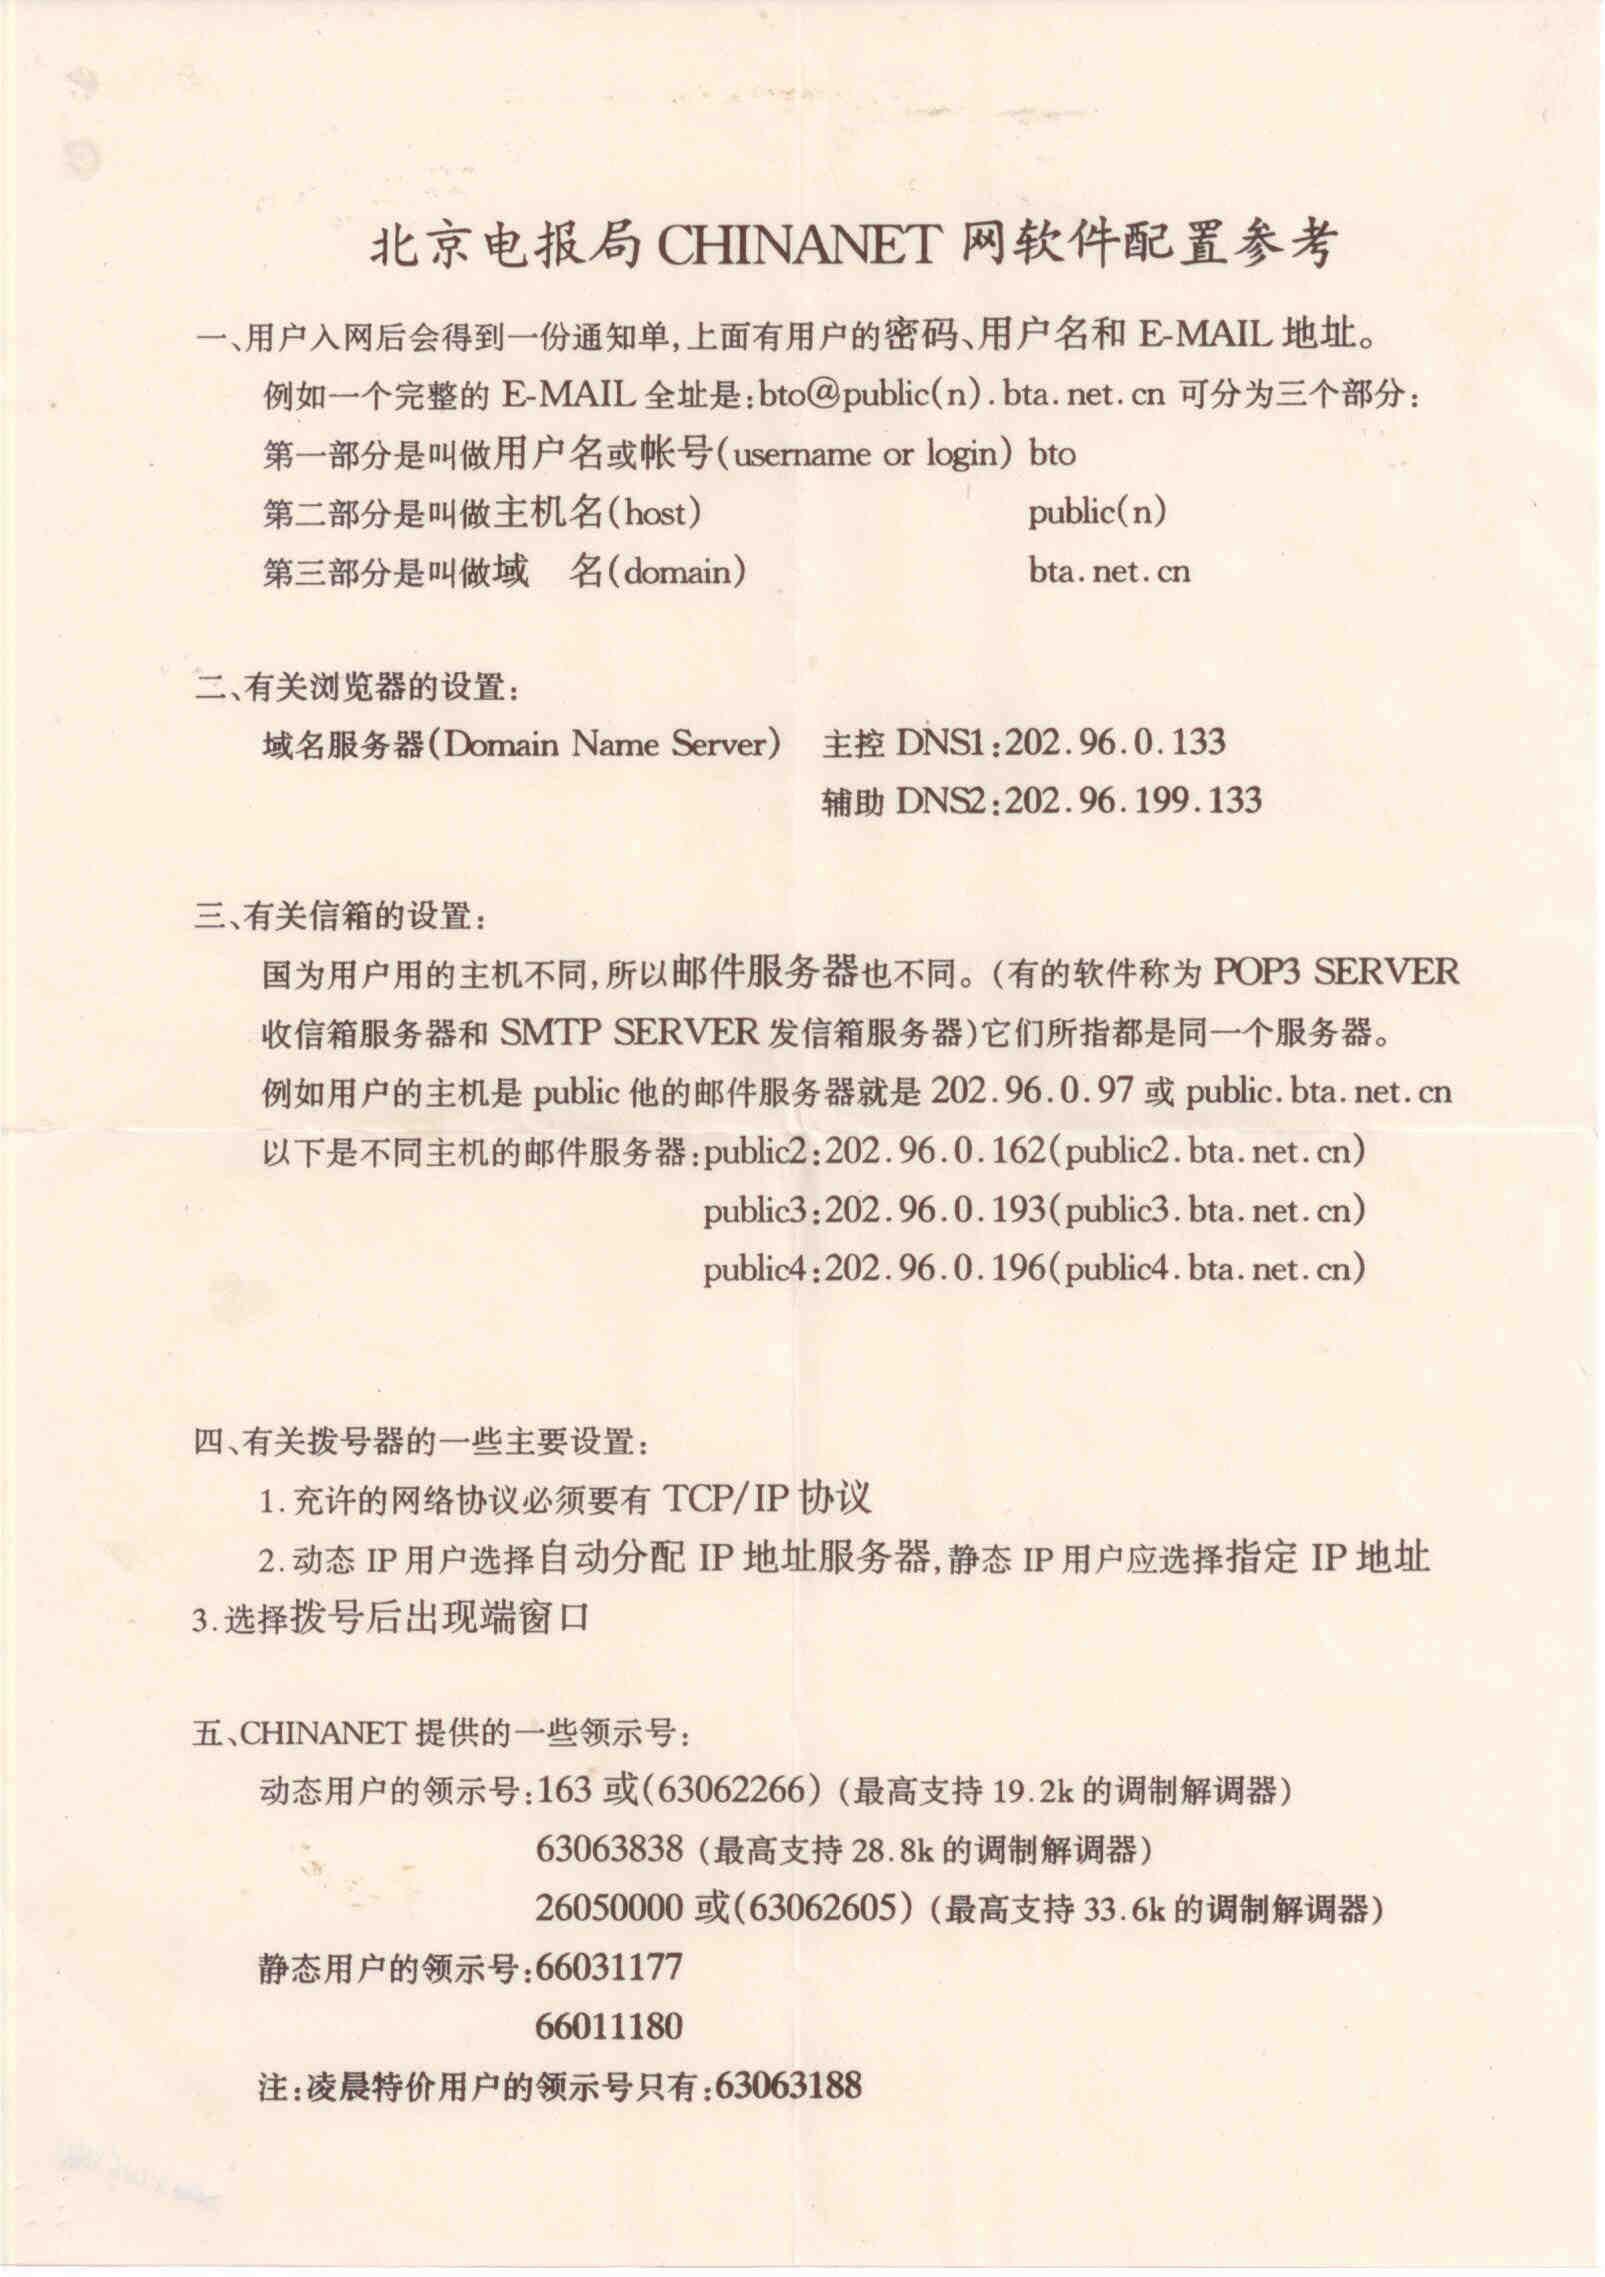 北京电报局CHINANET网软件配置参考